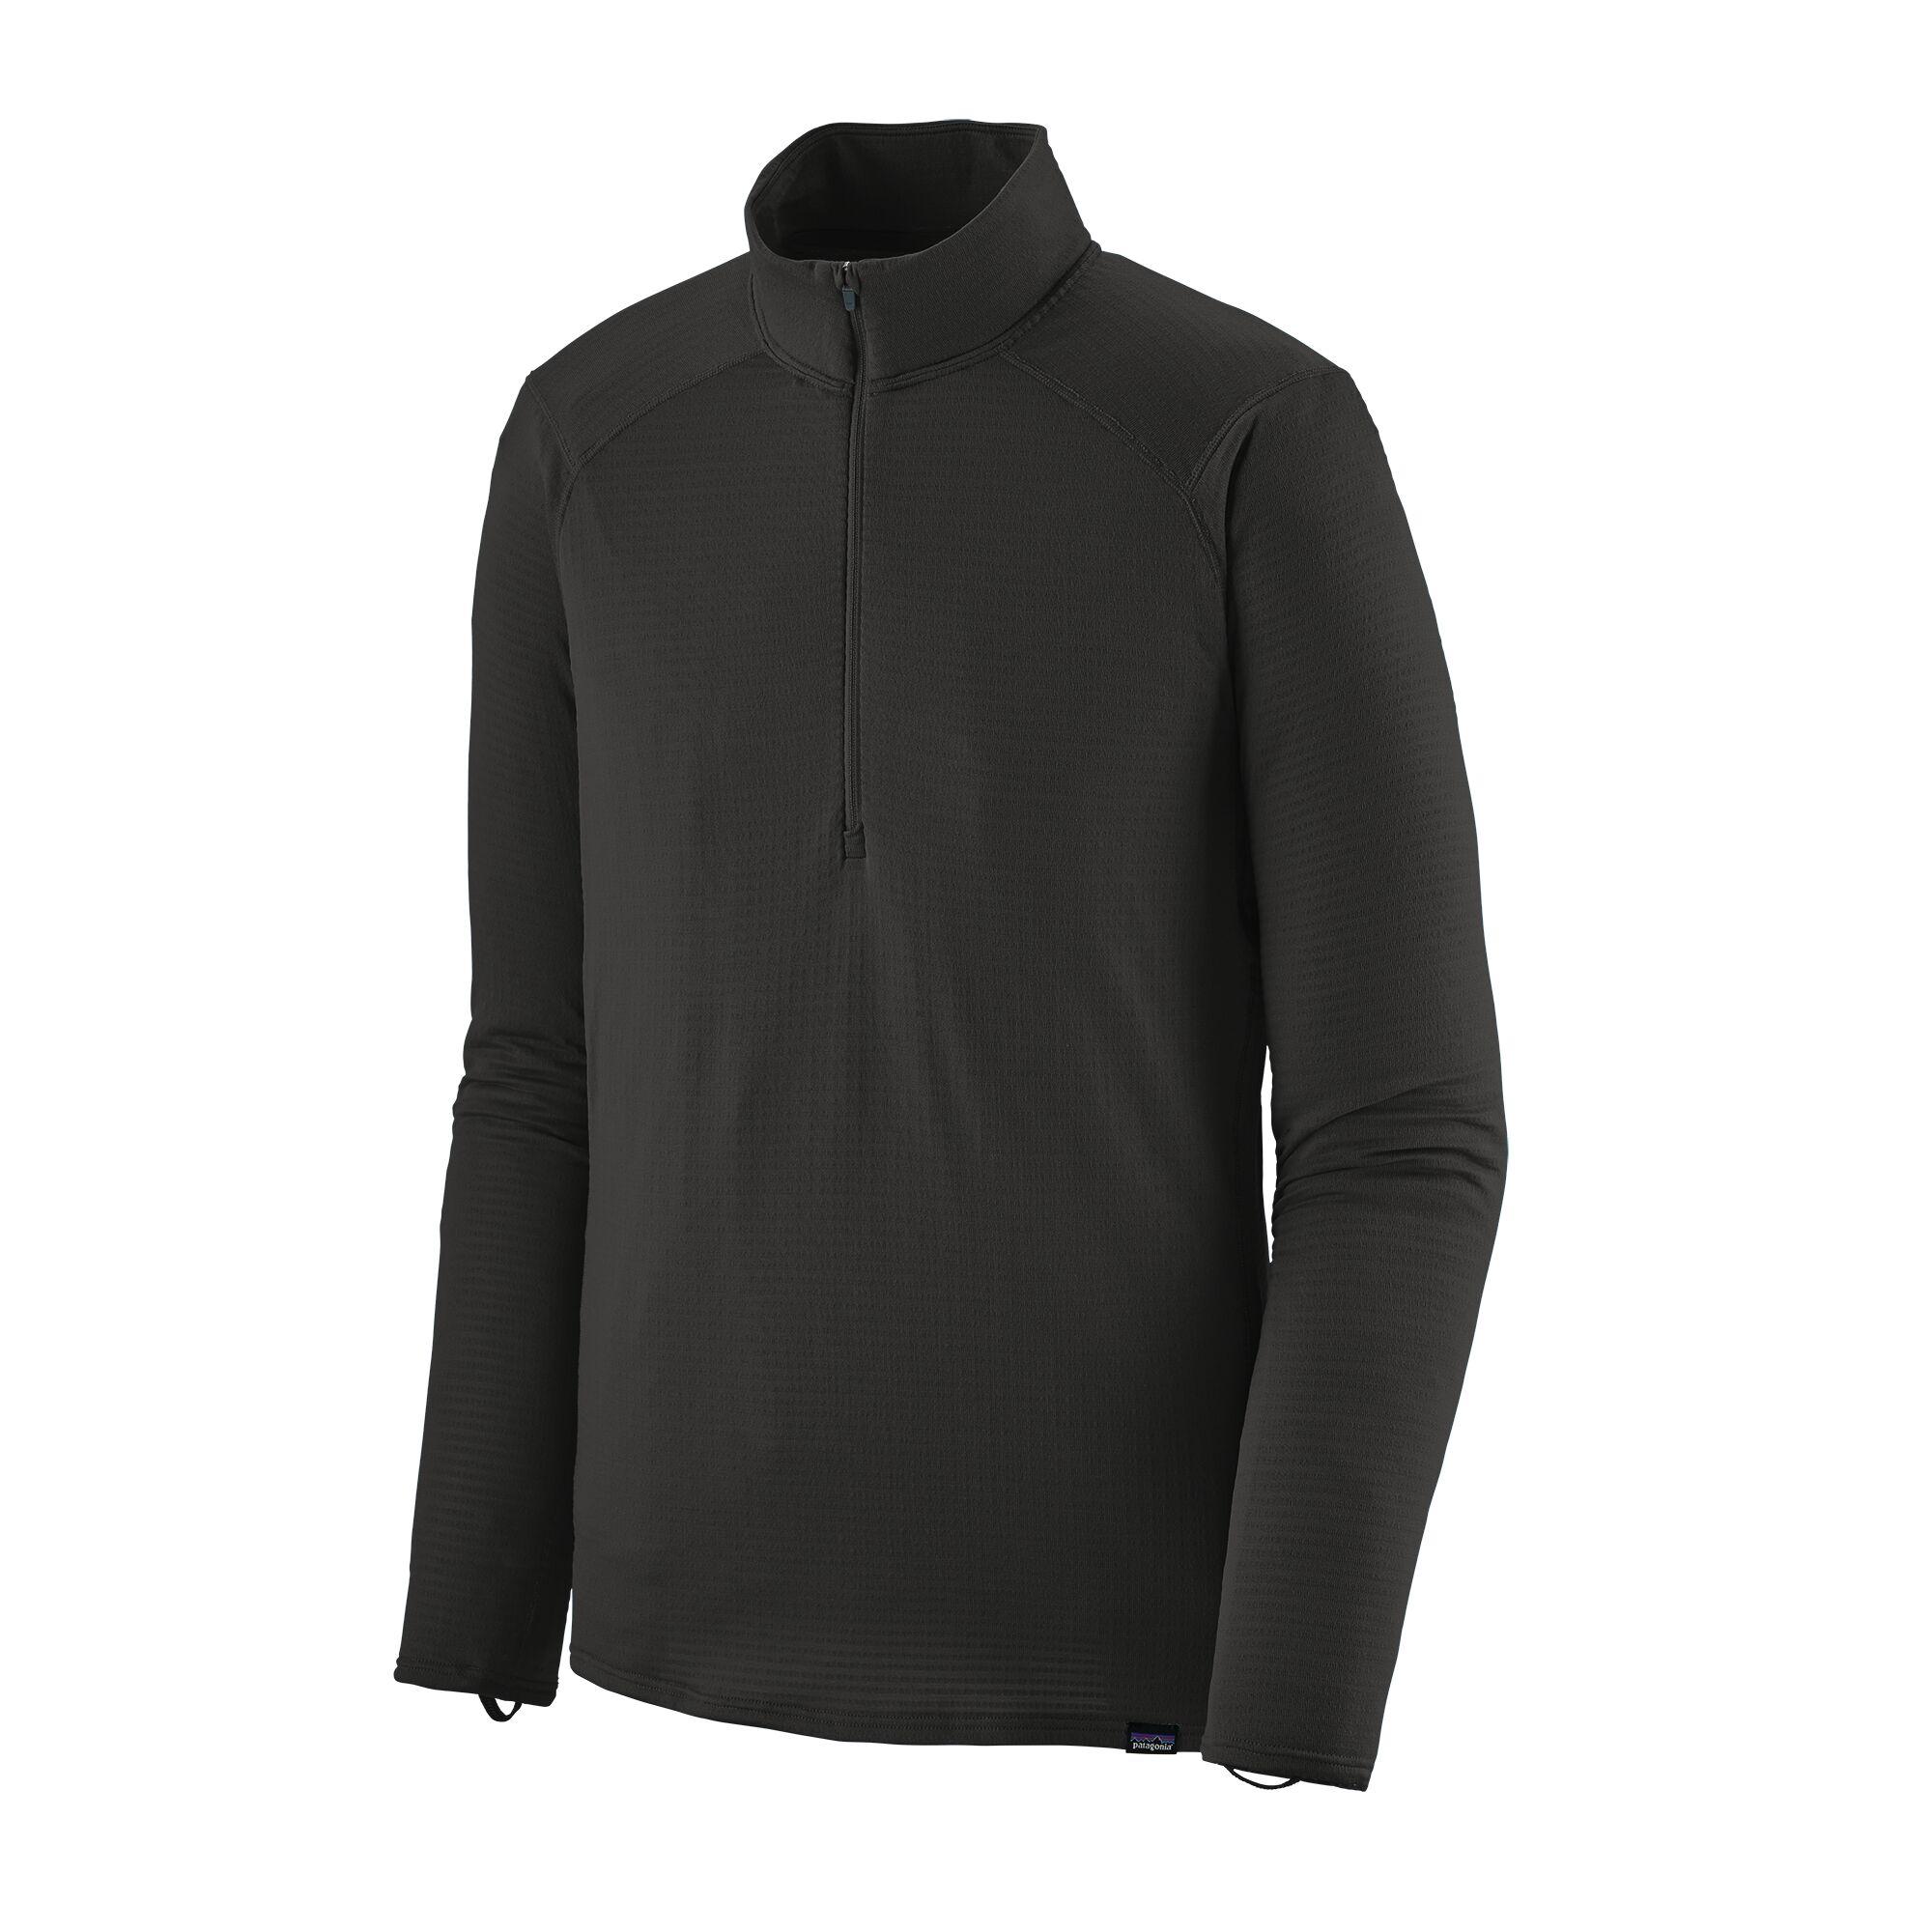 Patagonia Capilene Thermal Weight Zip Neck - Funktionsshirt - Herren